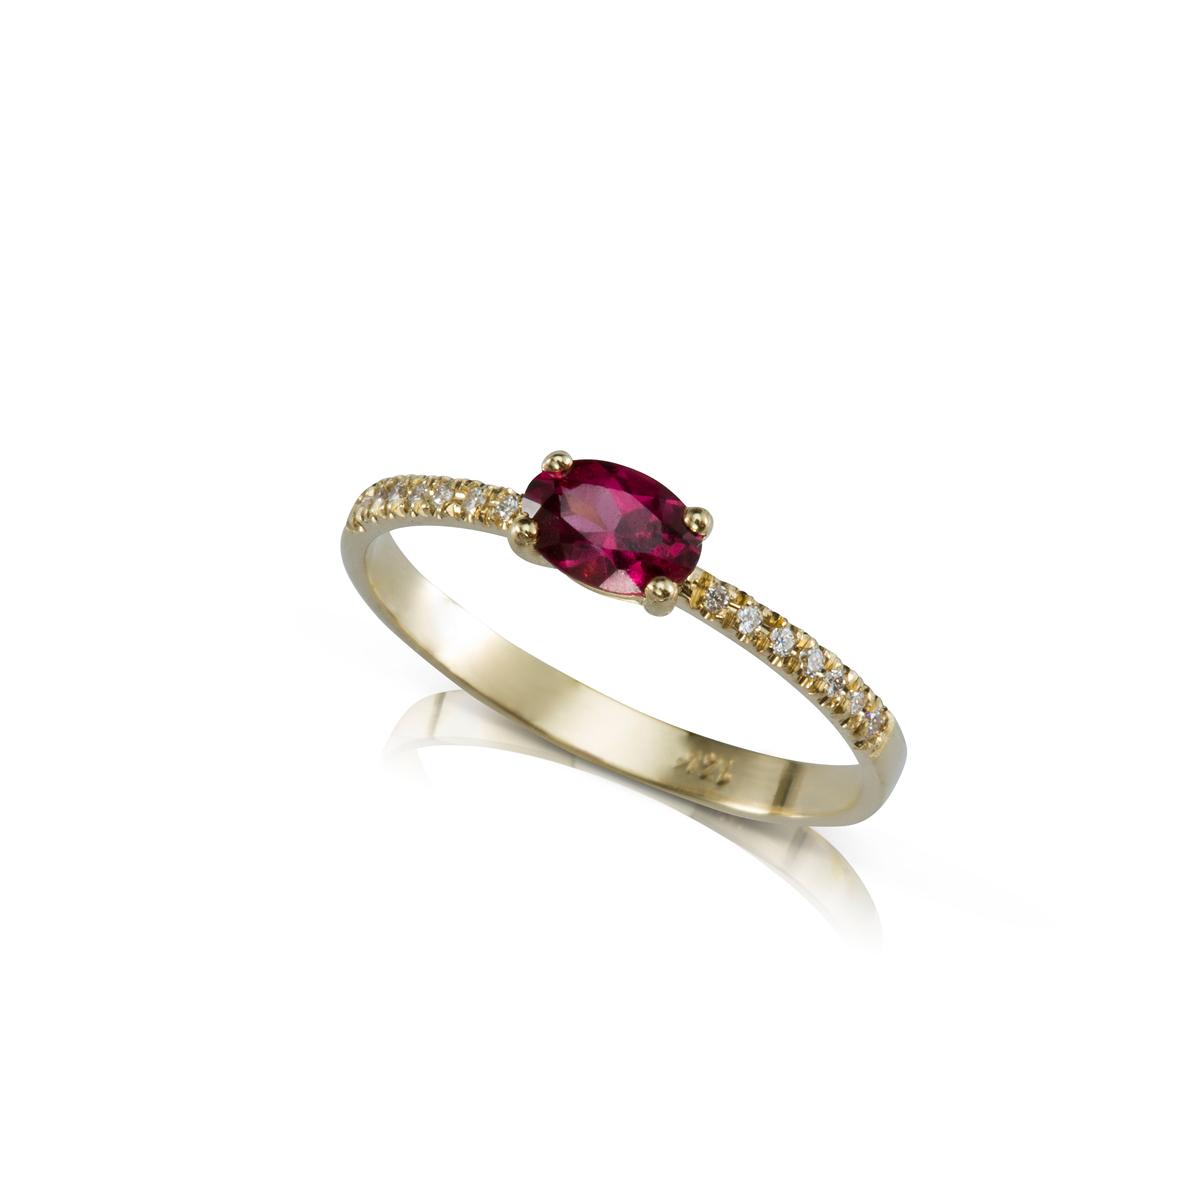 טבעת זהב משובצת רודולייט אובלי ושורת יהלומים בצדדים